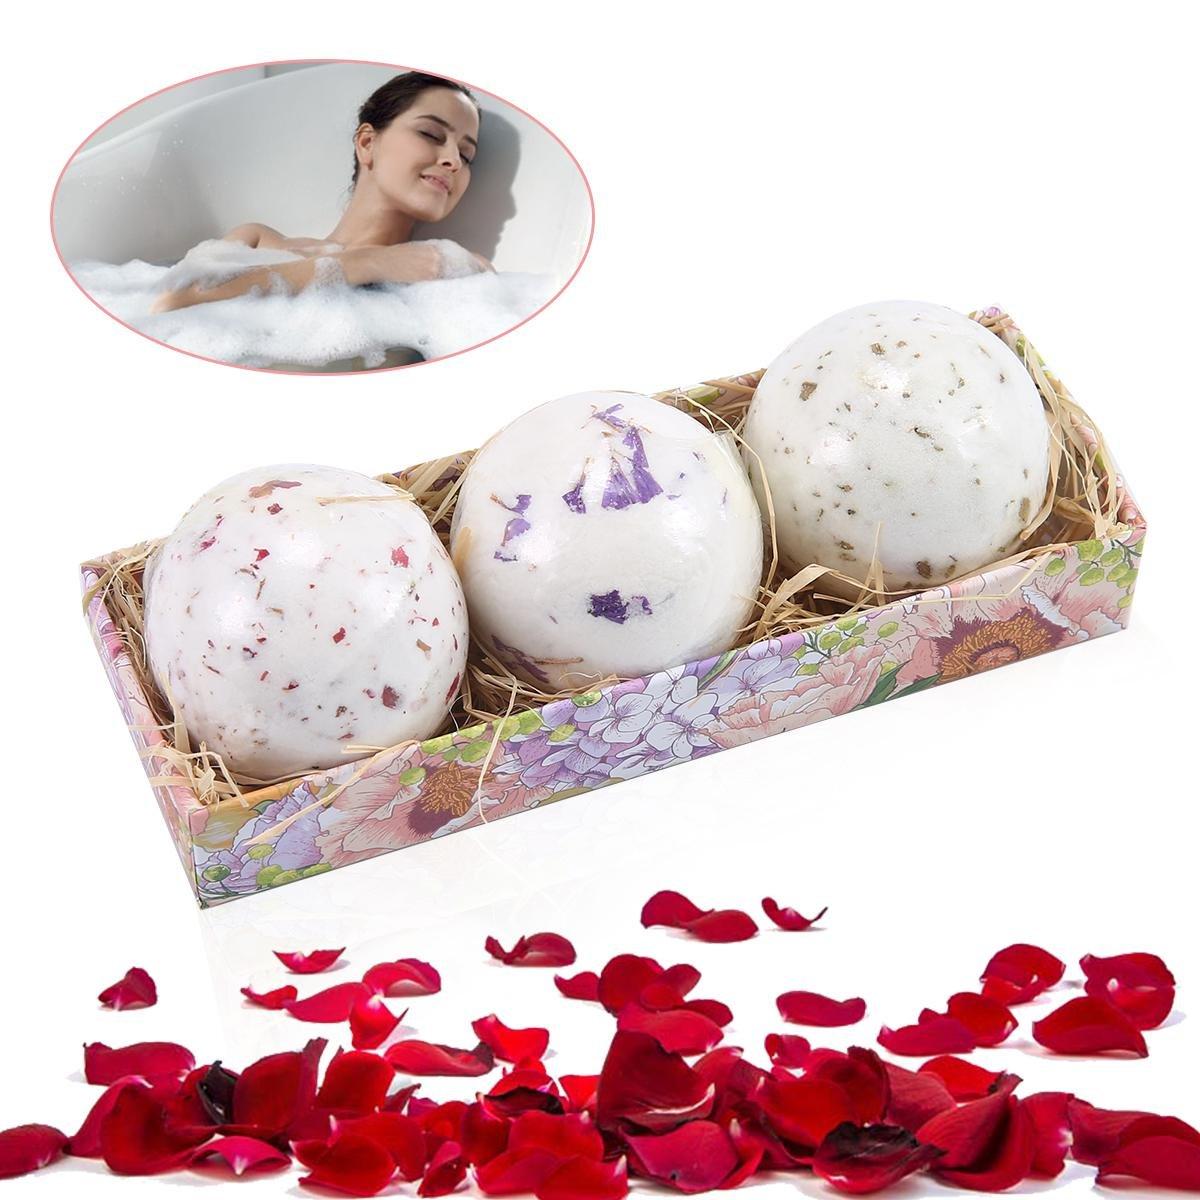 Aolvo bombe da bagno Set regalo, Deep Sea sali da bagno e oli essenziali naturali Dry Flowers rilassamento regali set per donne, ragazzi e ragazze, must-have prodotti per il bagno